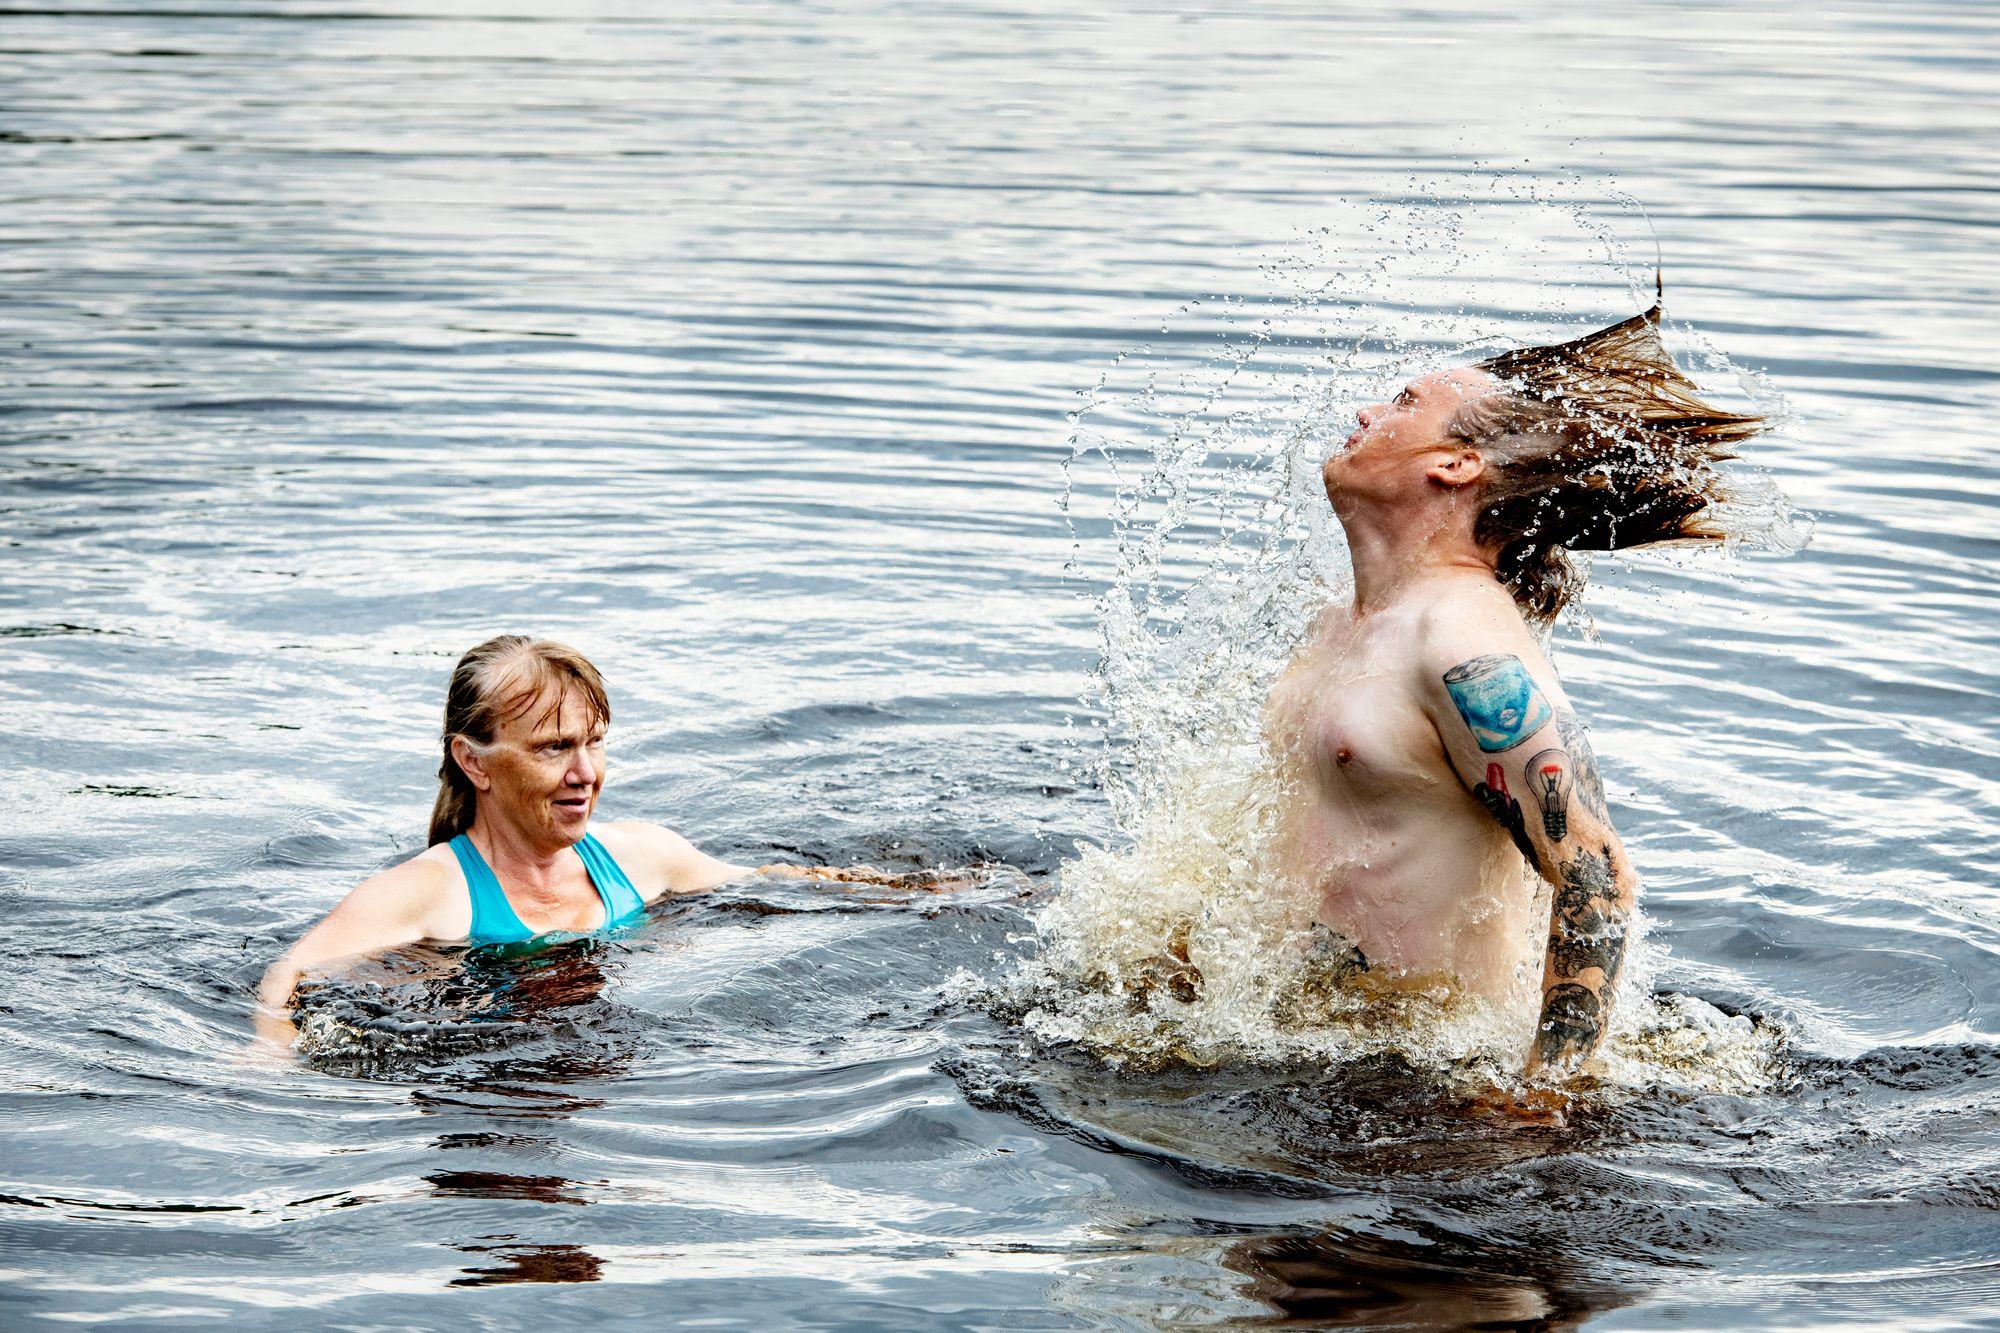 Uimapaikka Korpelan padon luona on jo lapsuudesta rakas sekä Reijalle että Jalmarille. © Pᅢᄂivi Karjalai